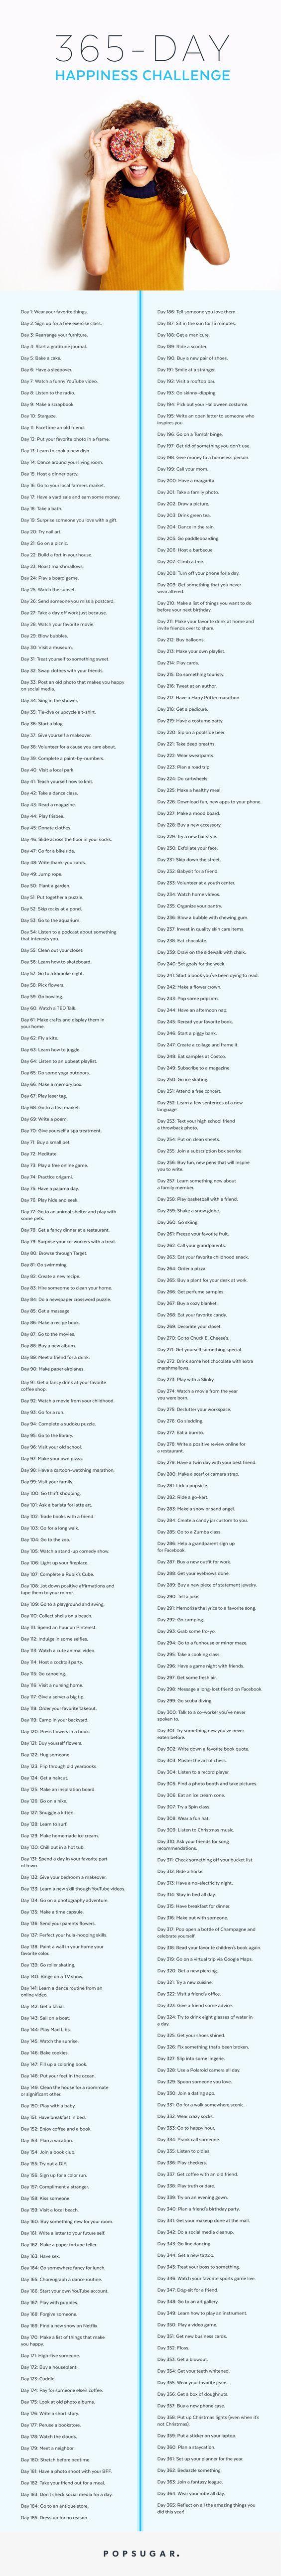 356 päivän onnellisuus-haaste, kokeileppa mitä tapahtuu :) #tripledryfinland #antiperspirantti #treeniinspiraatio #urheilu #sport #treenit #kuntoilu  #fitnessmotivation #fitnesslifestyle #positiveenergy